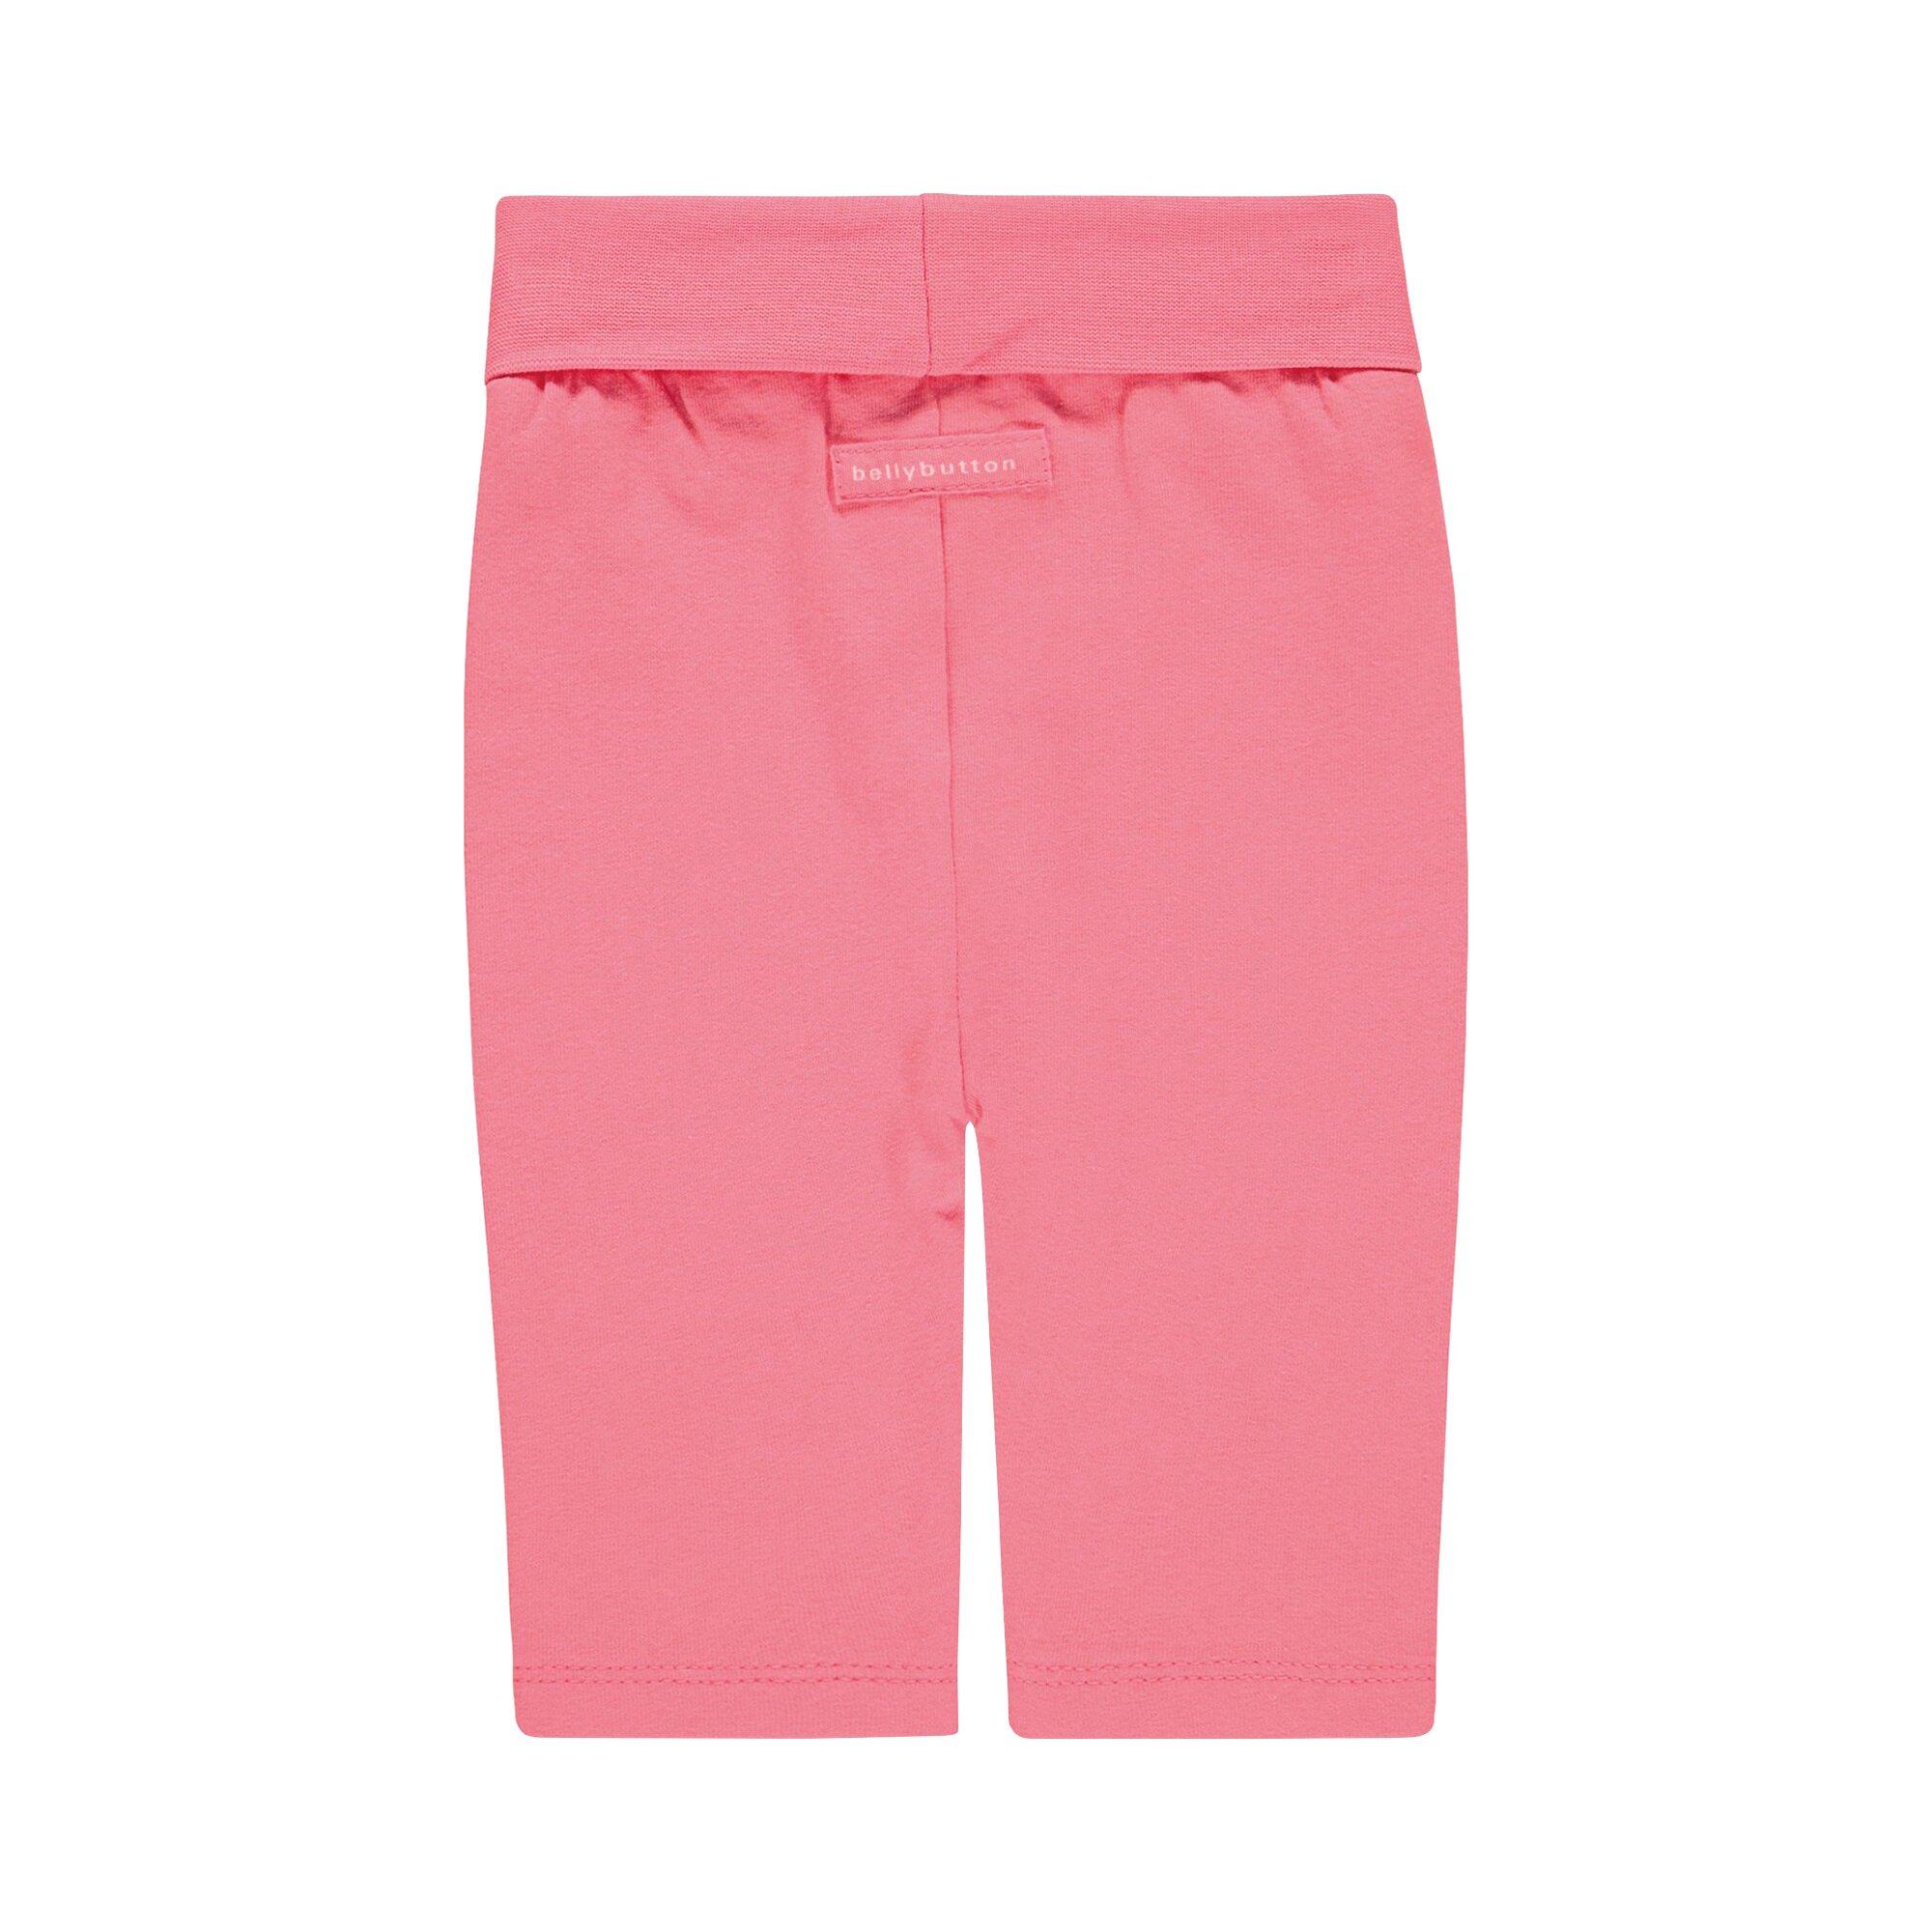 bellybutton-leggings-sterne